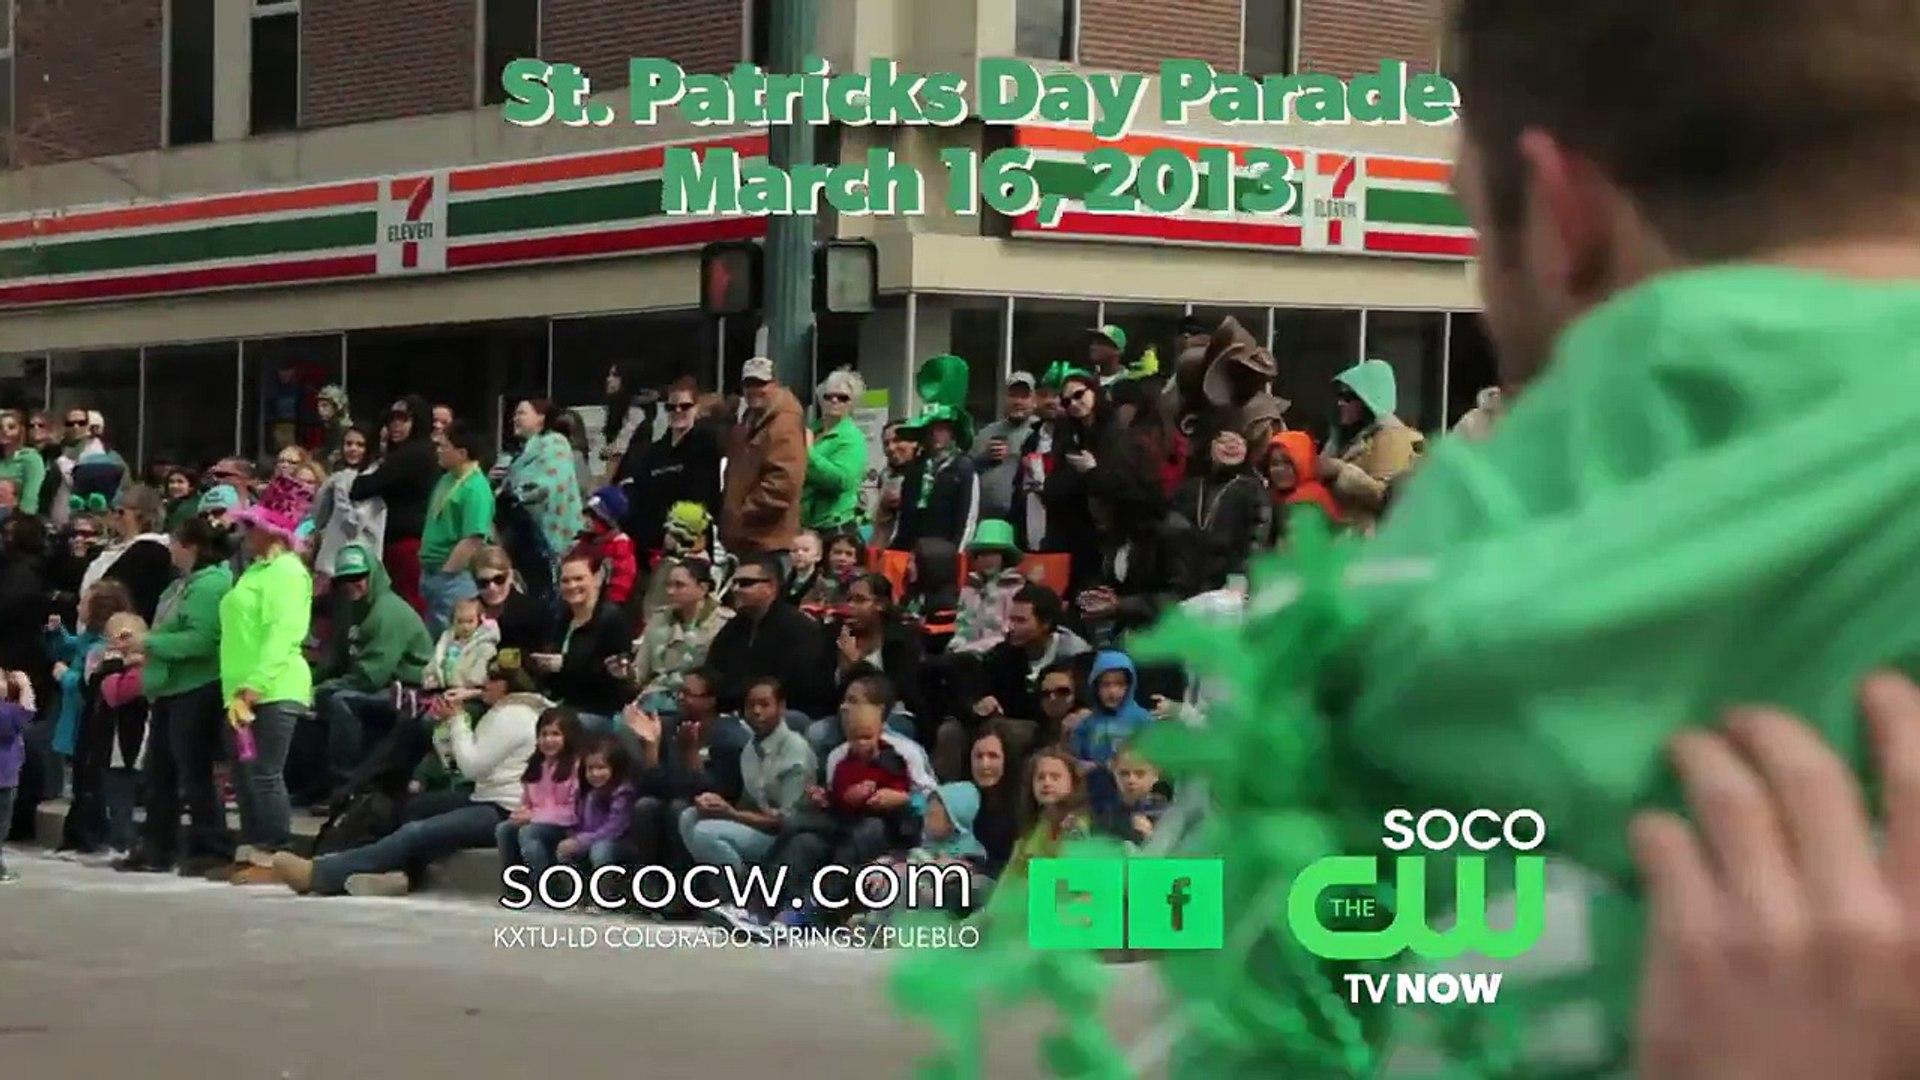 SOCO CW WLR March 19, 2013